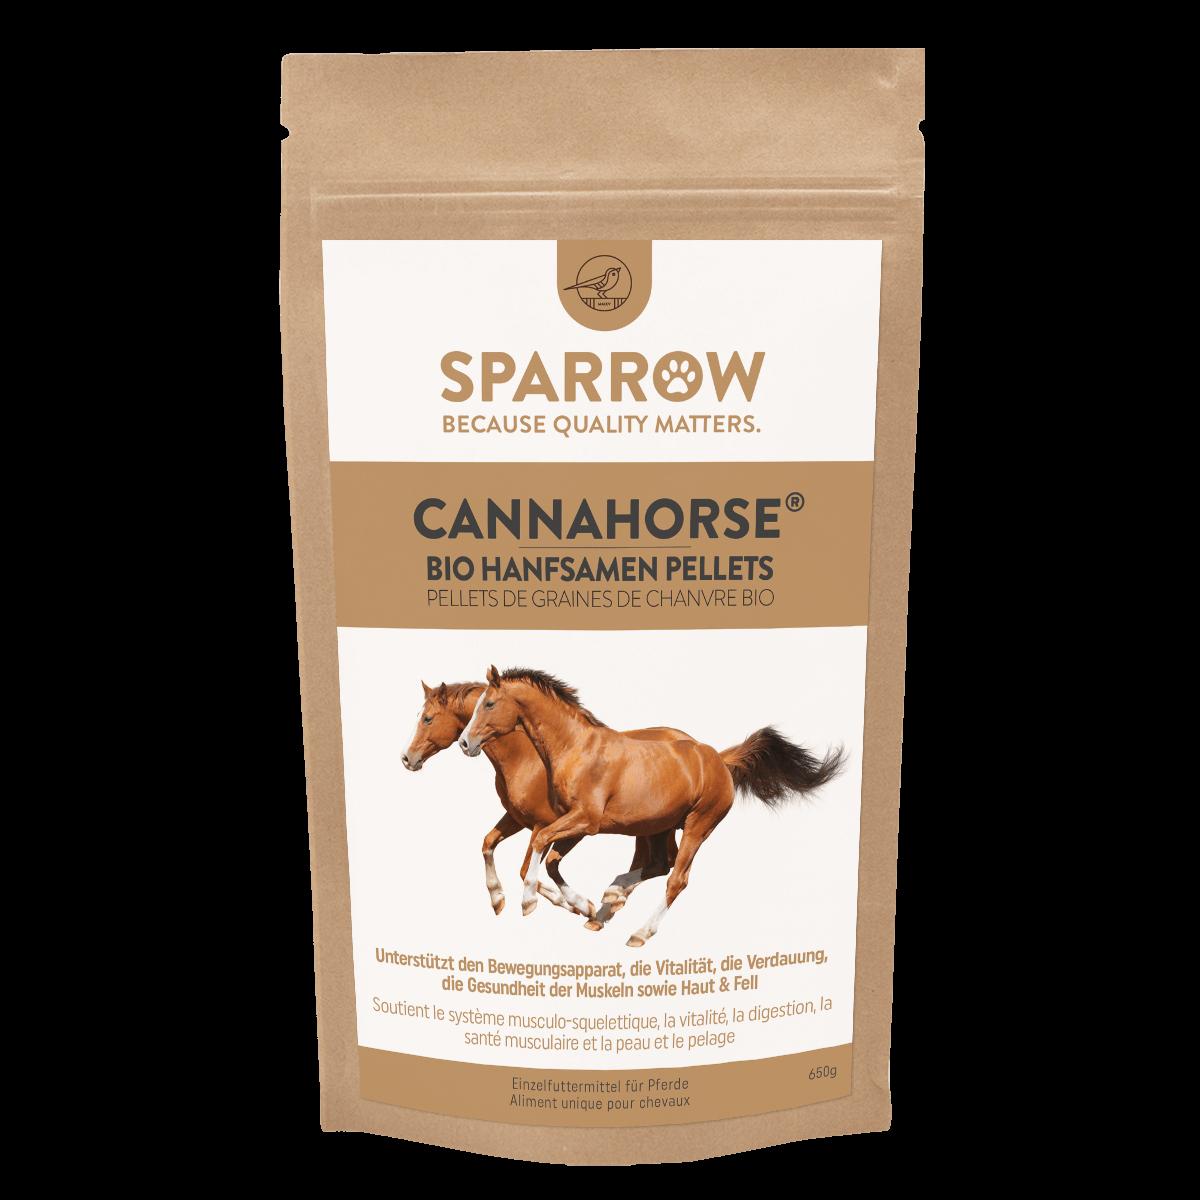 SPARROW CANNAHORSE